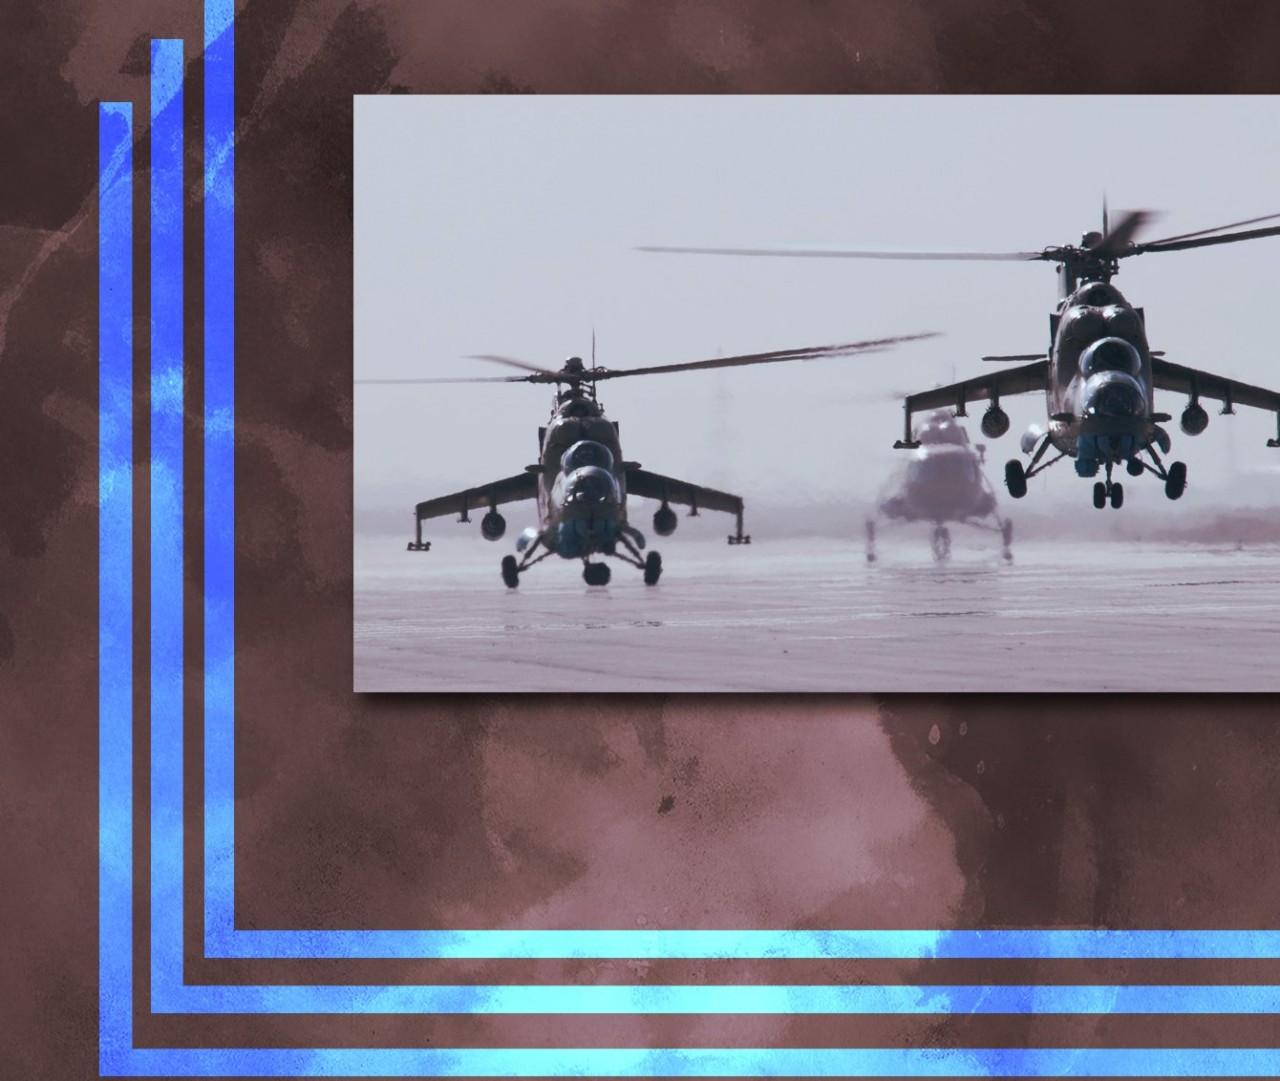 Непобедимая сила духа: почему американским солдатам не стоит воевать с русскими